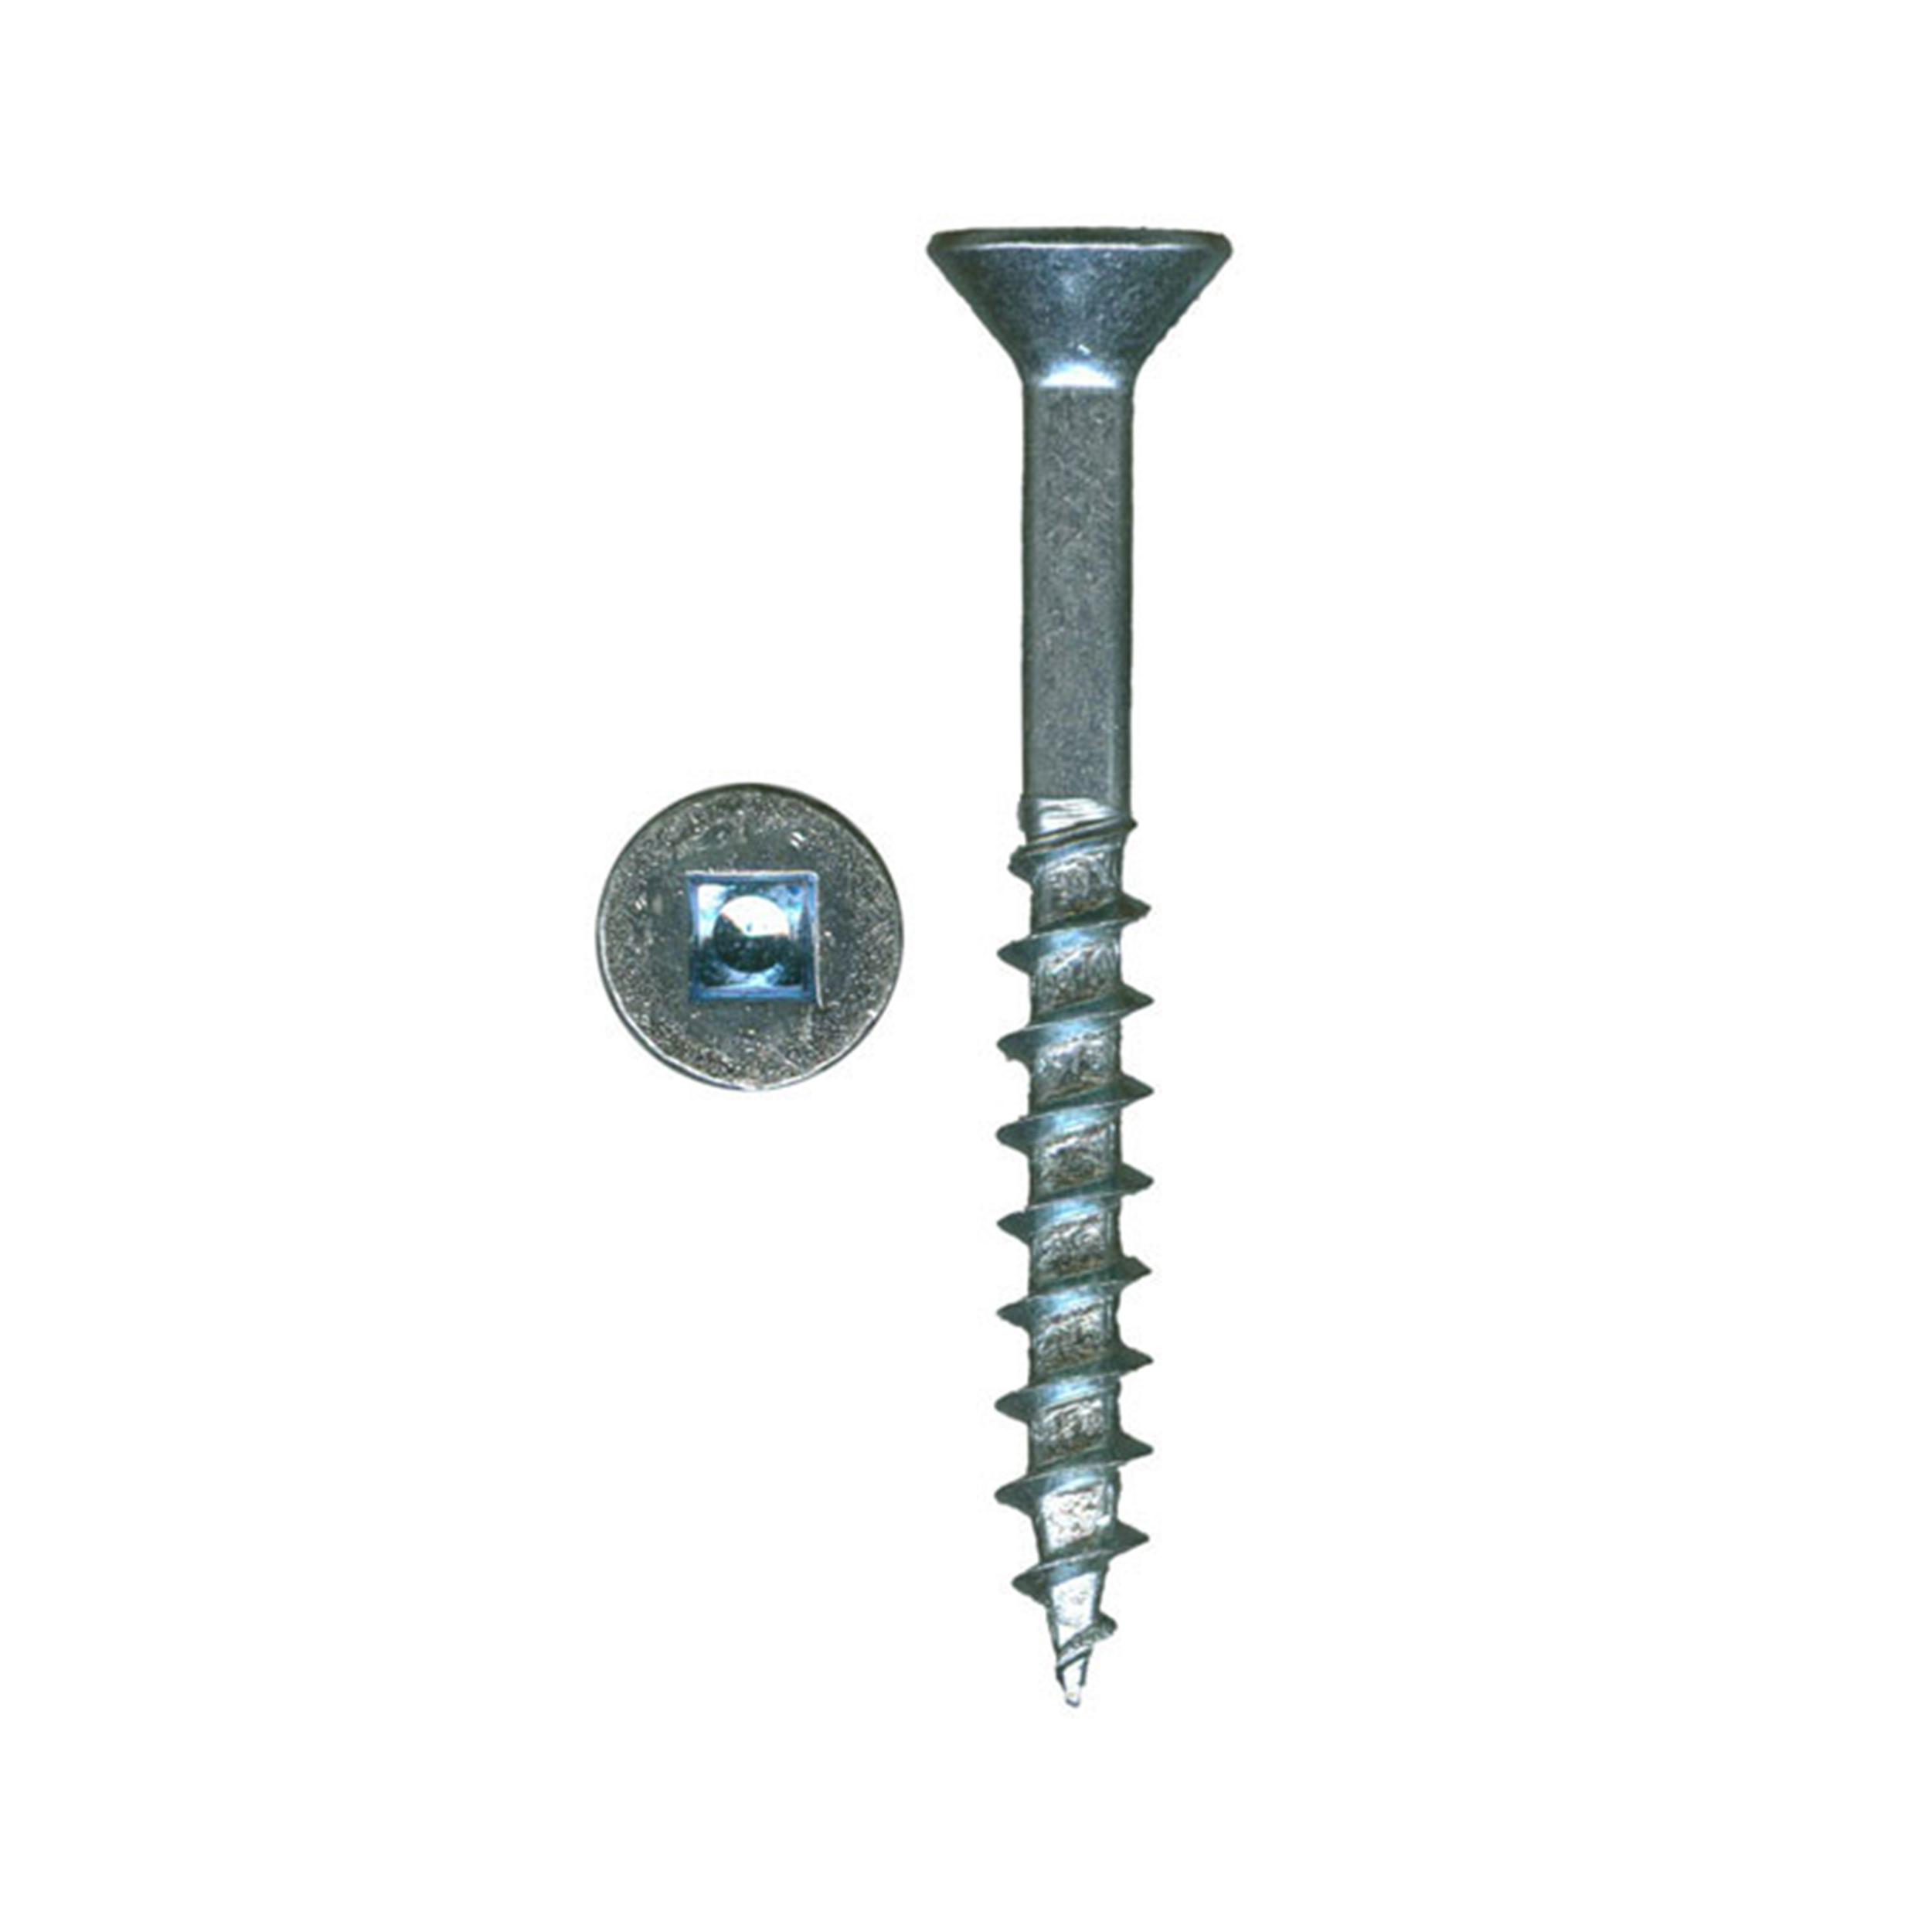 8 x 3/4 XT Square Drive Woodworking Screws, Flat Head, Clear Zinc, 100-Piece